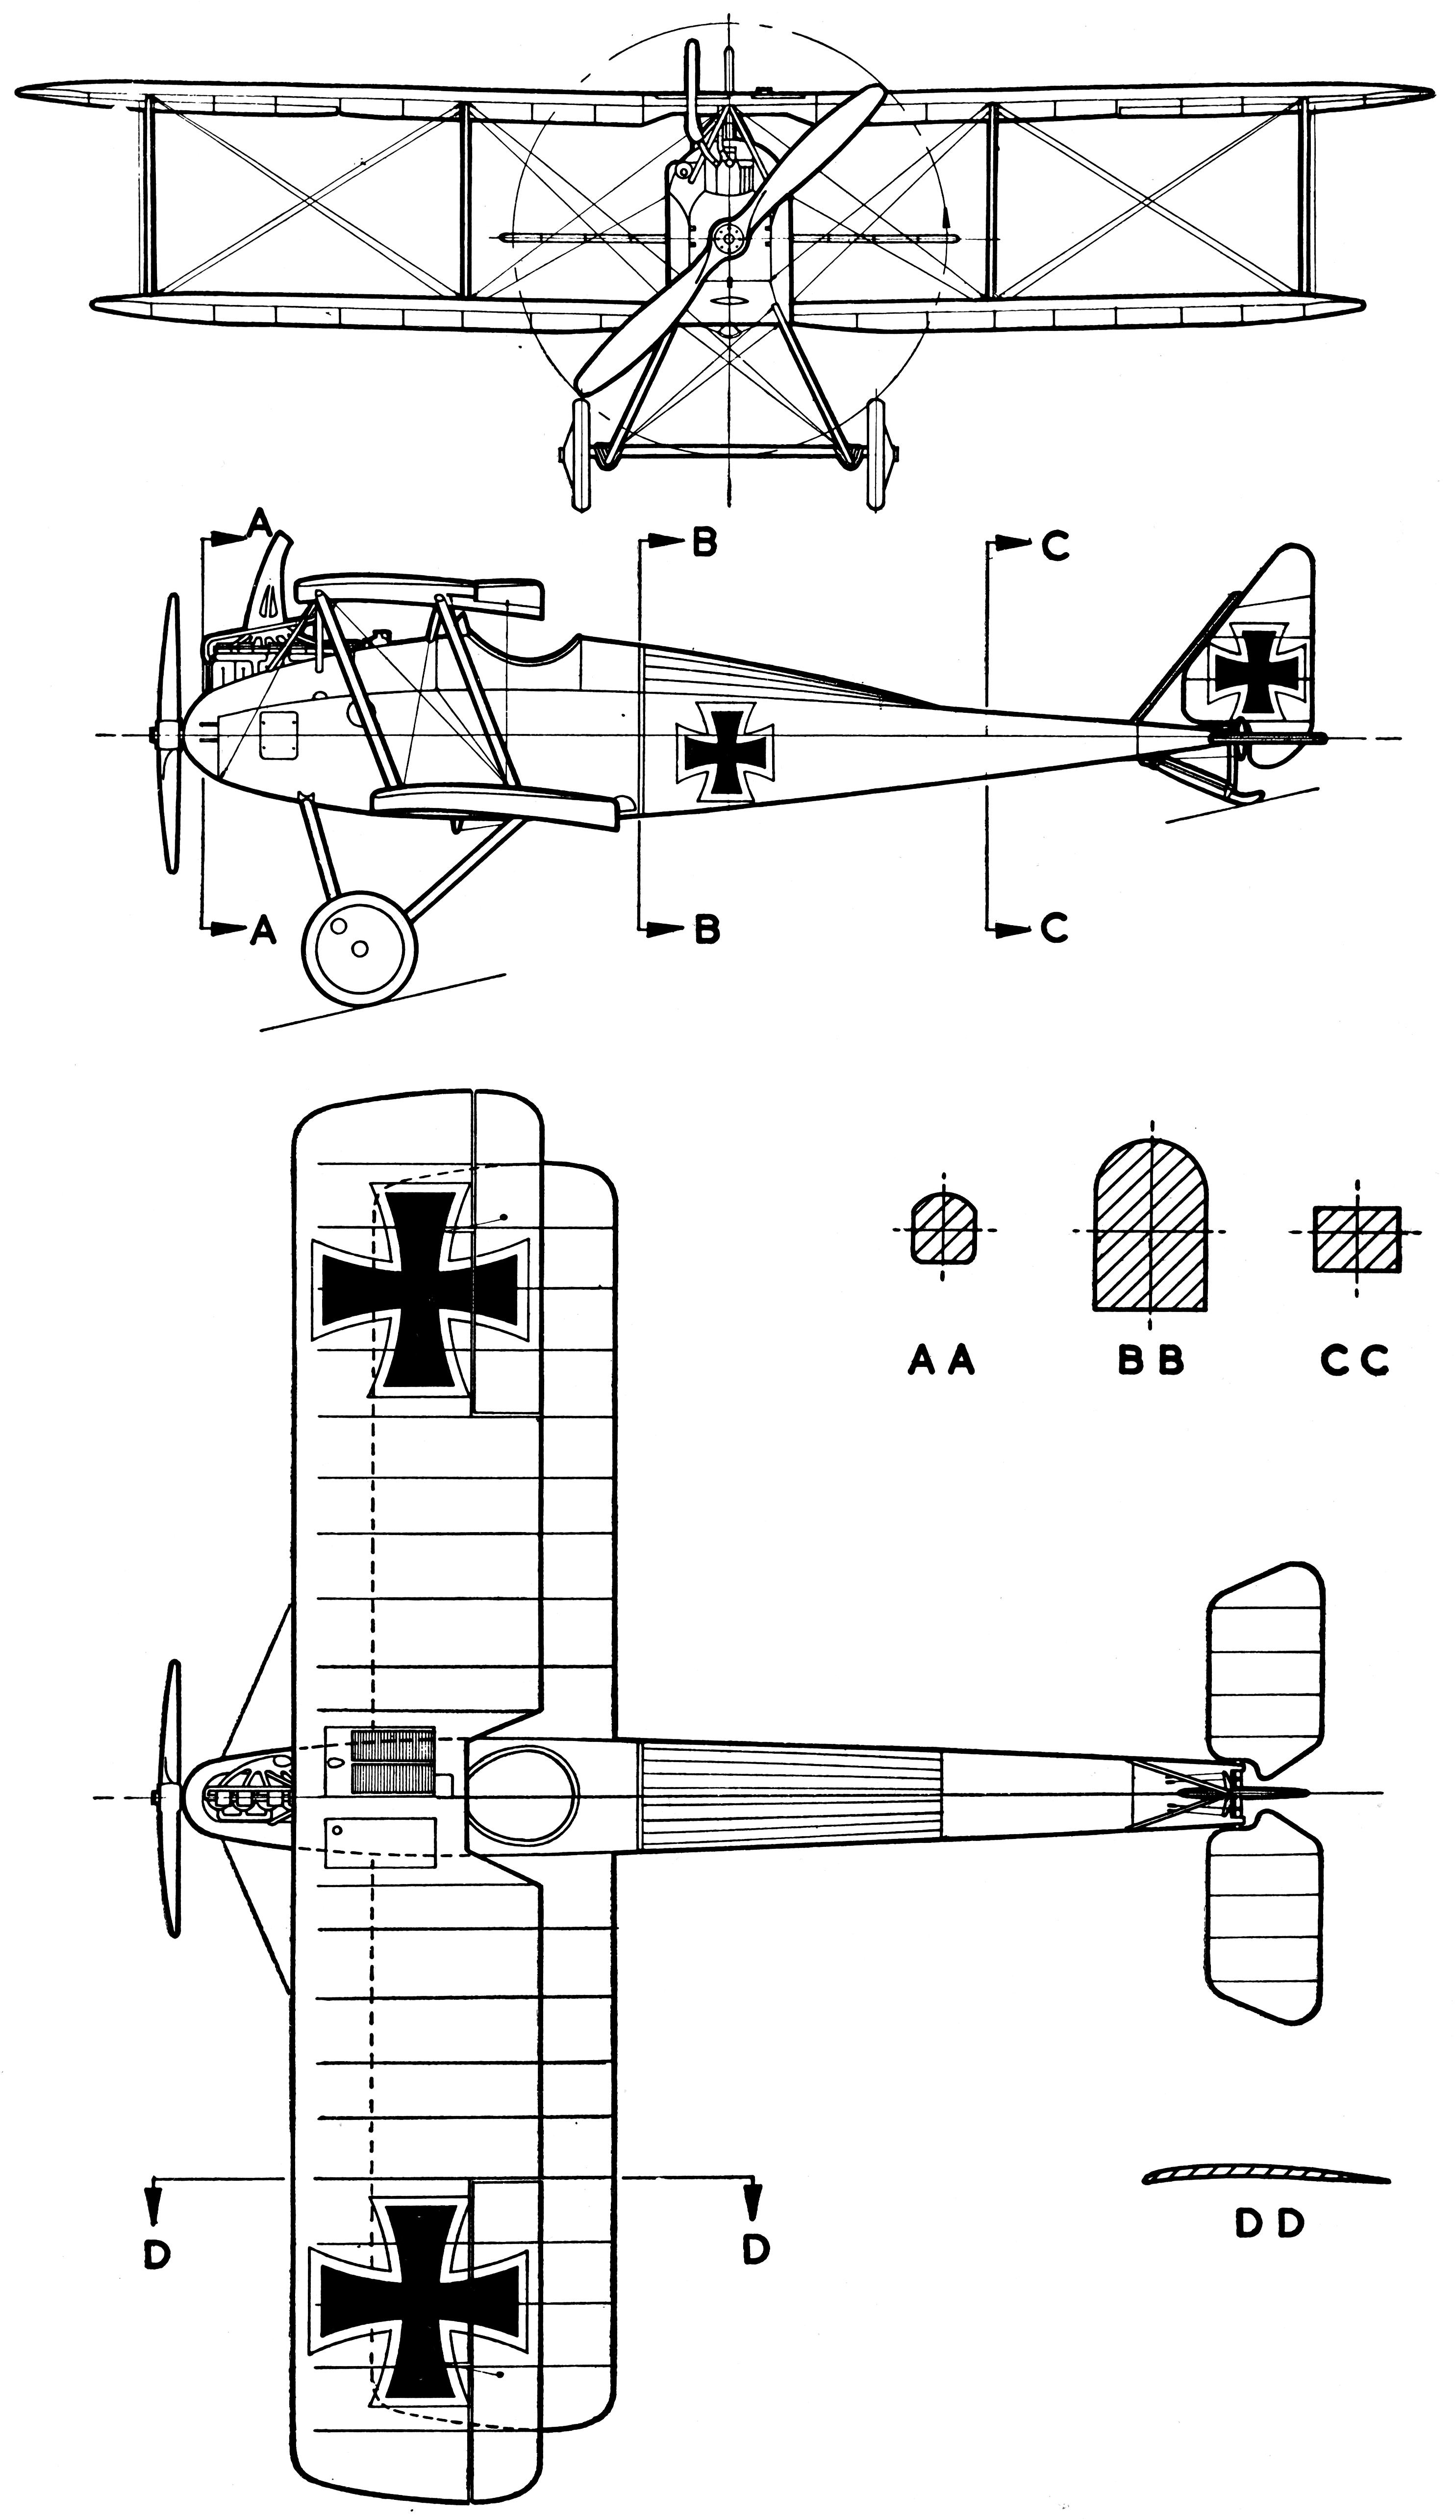 Halberstadt D.II blueprint